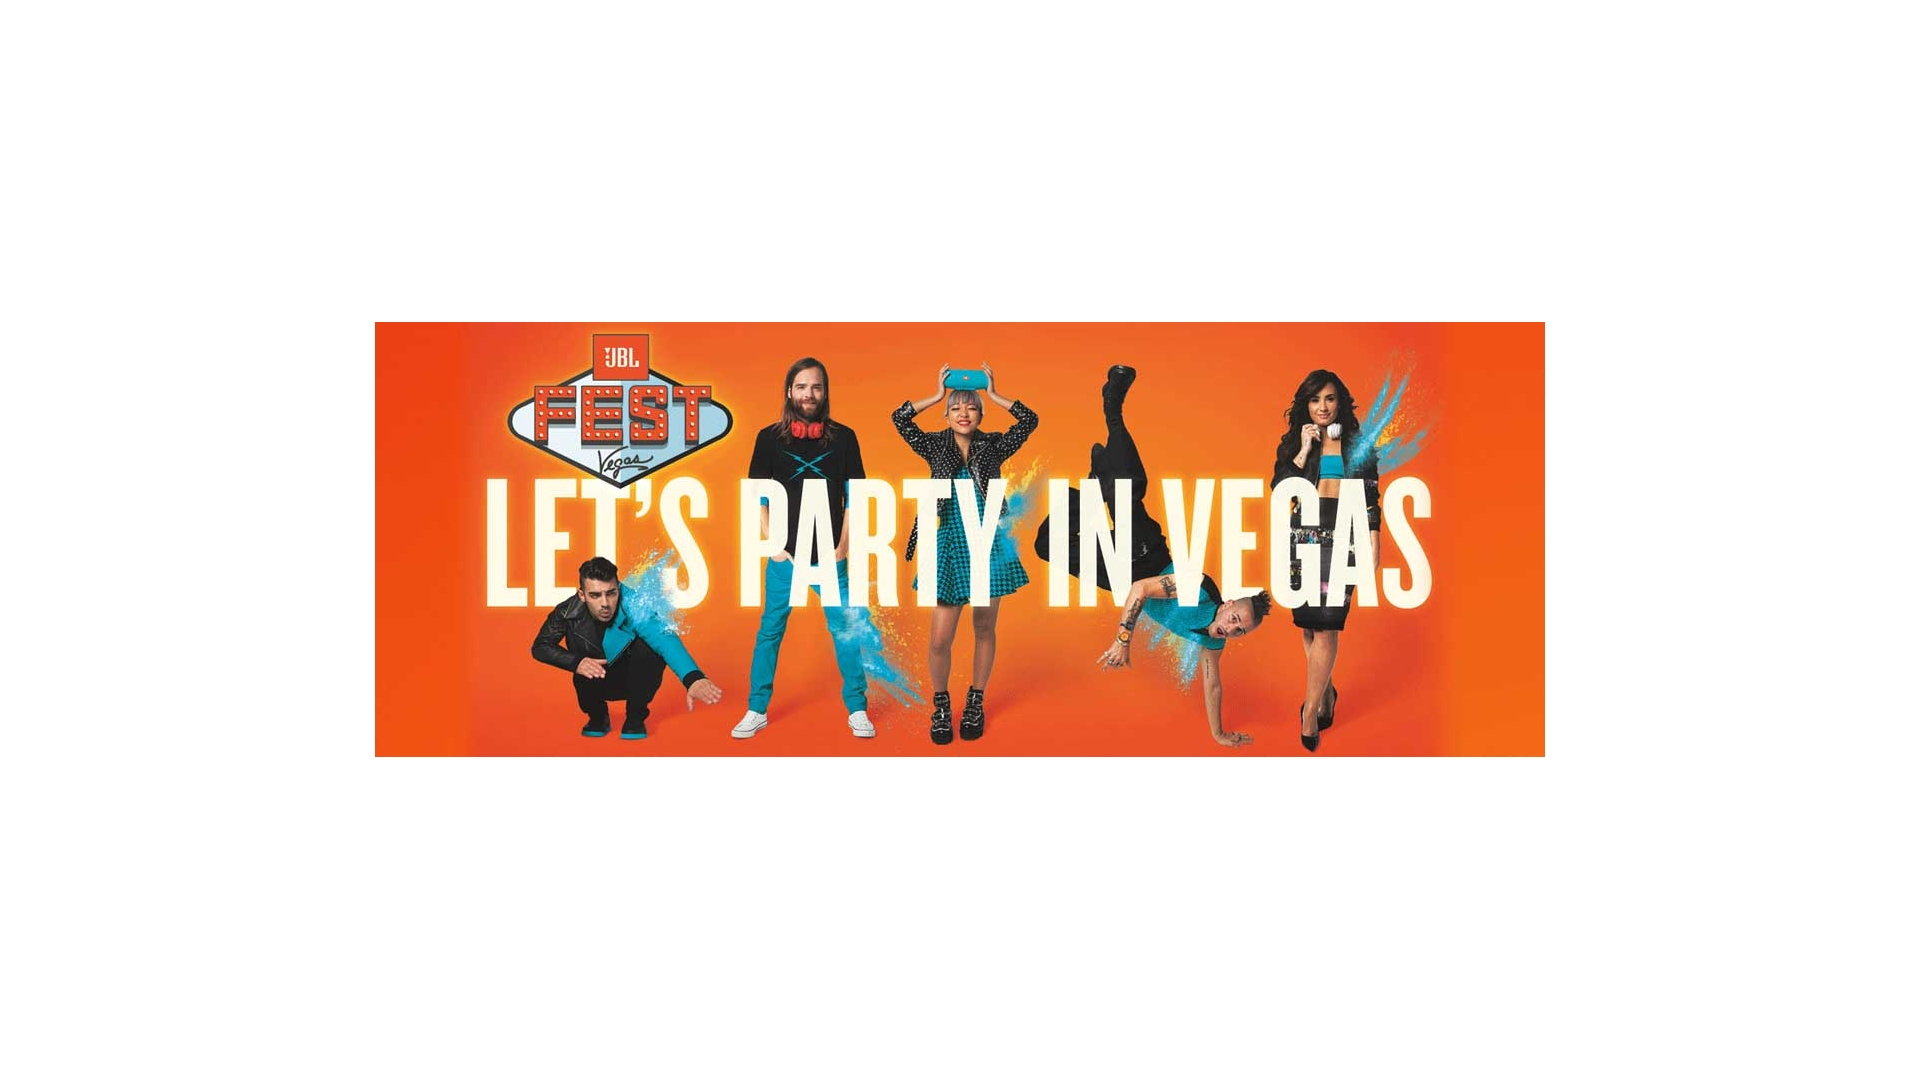 JBL Fest updated banner